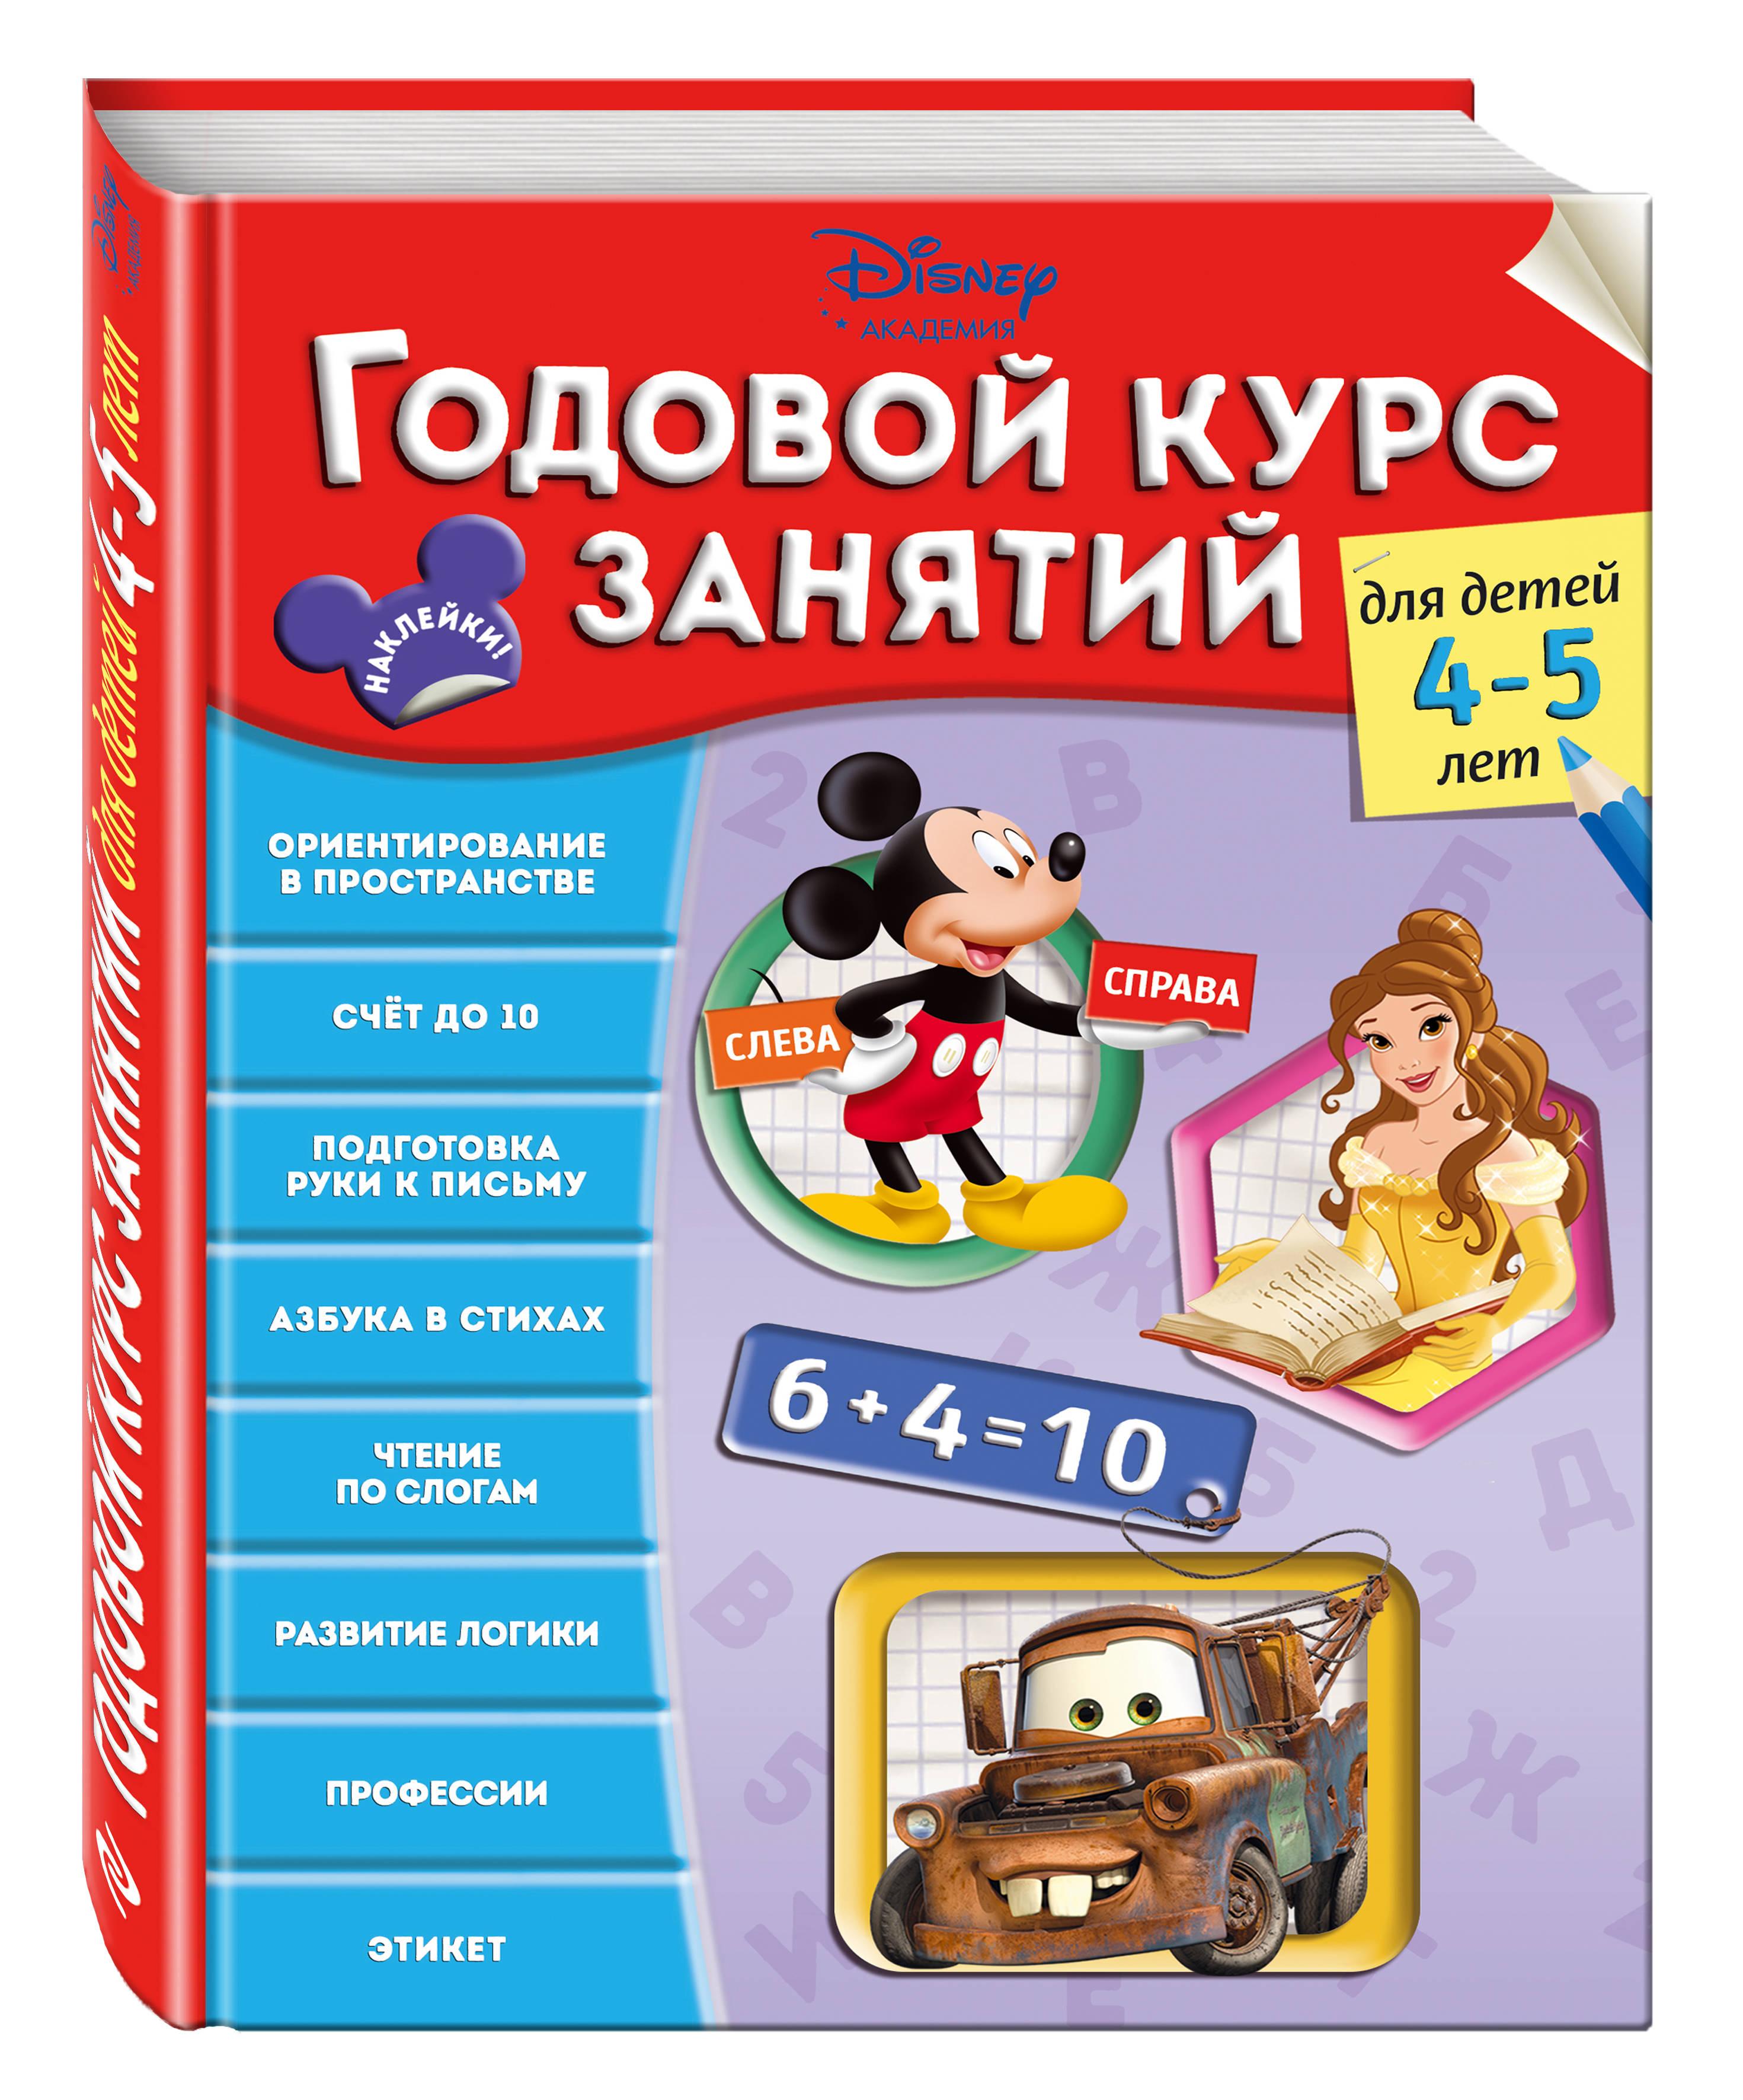 Годовой курс занятий: для детей 4-5 лет